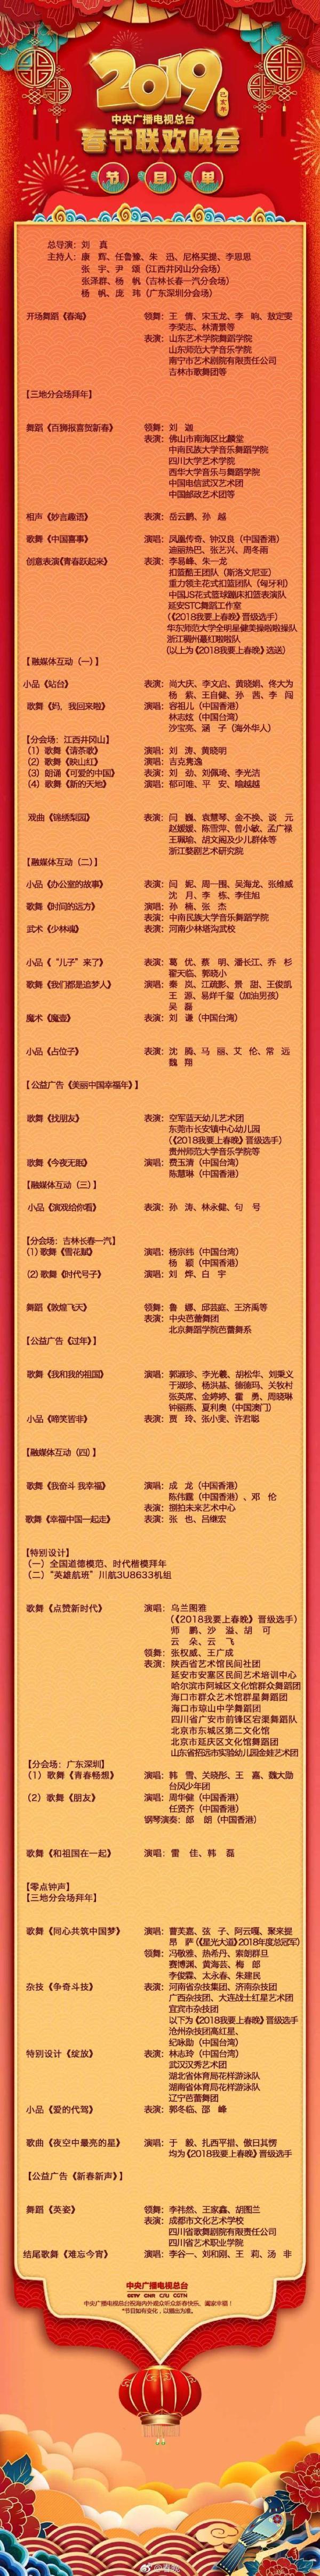 央视春晚节目单 都有哪些节目呢 具体内容